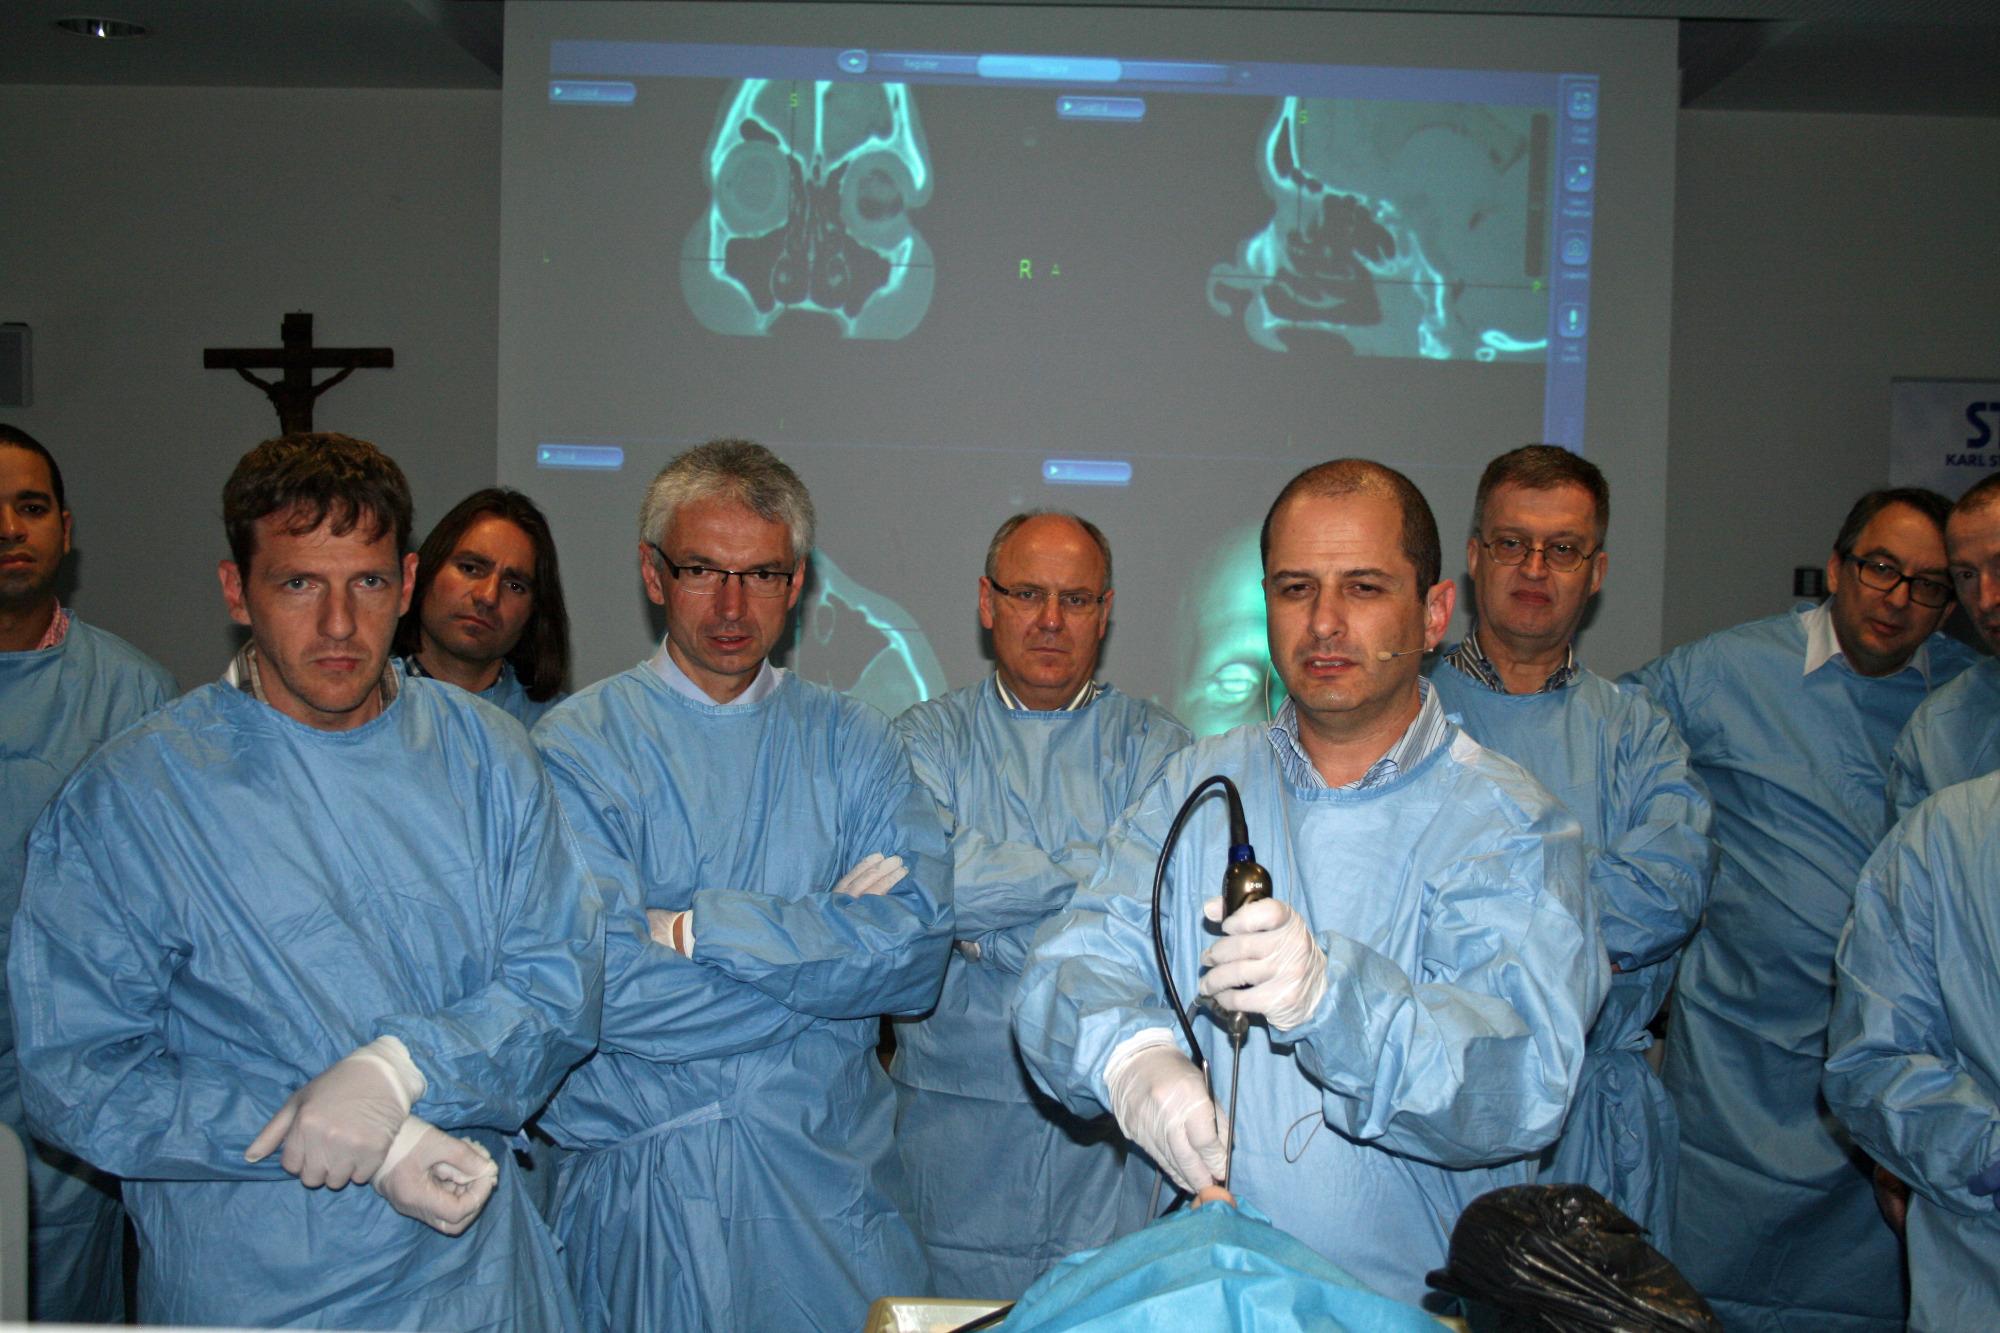 Neurochirurgie - Fachinfos / Brüderkrankenhaus Trier